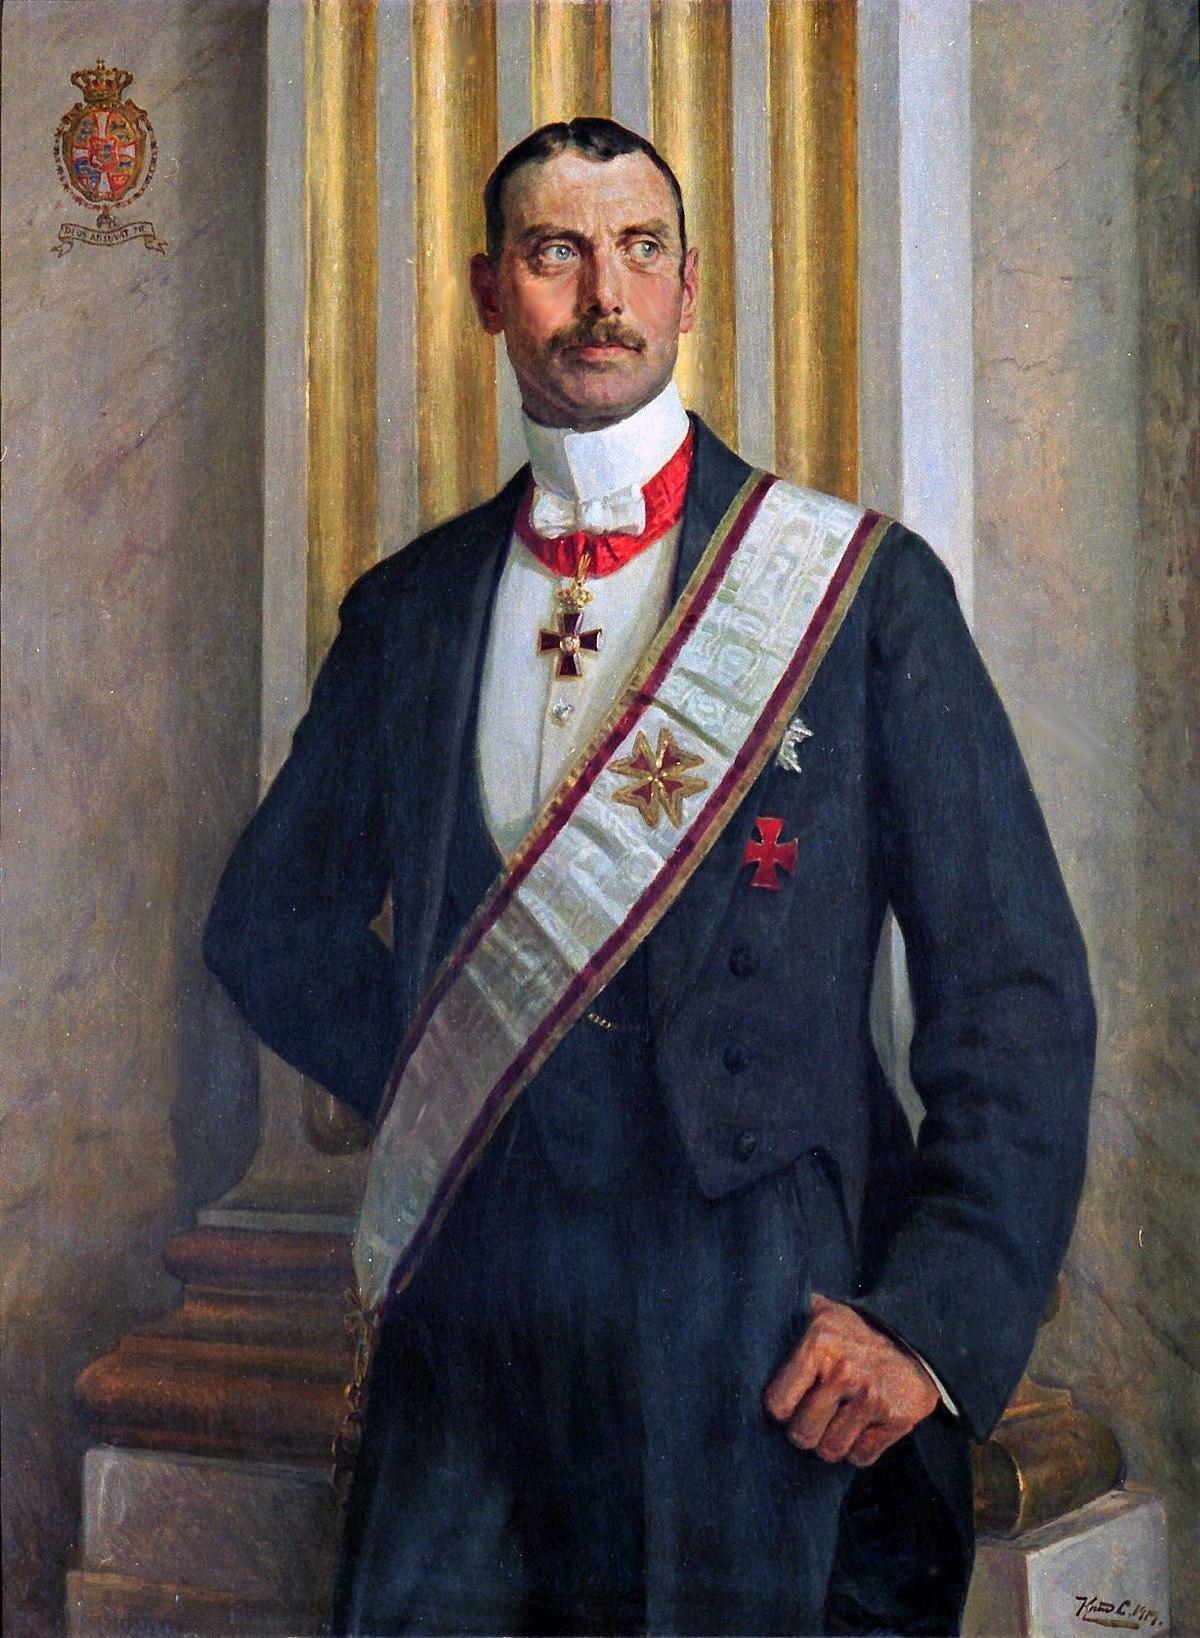 List of monarchs who were Freemasons - Wikipedia